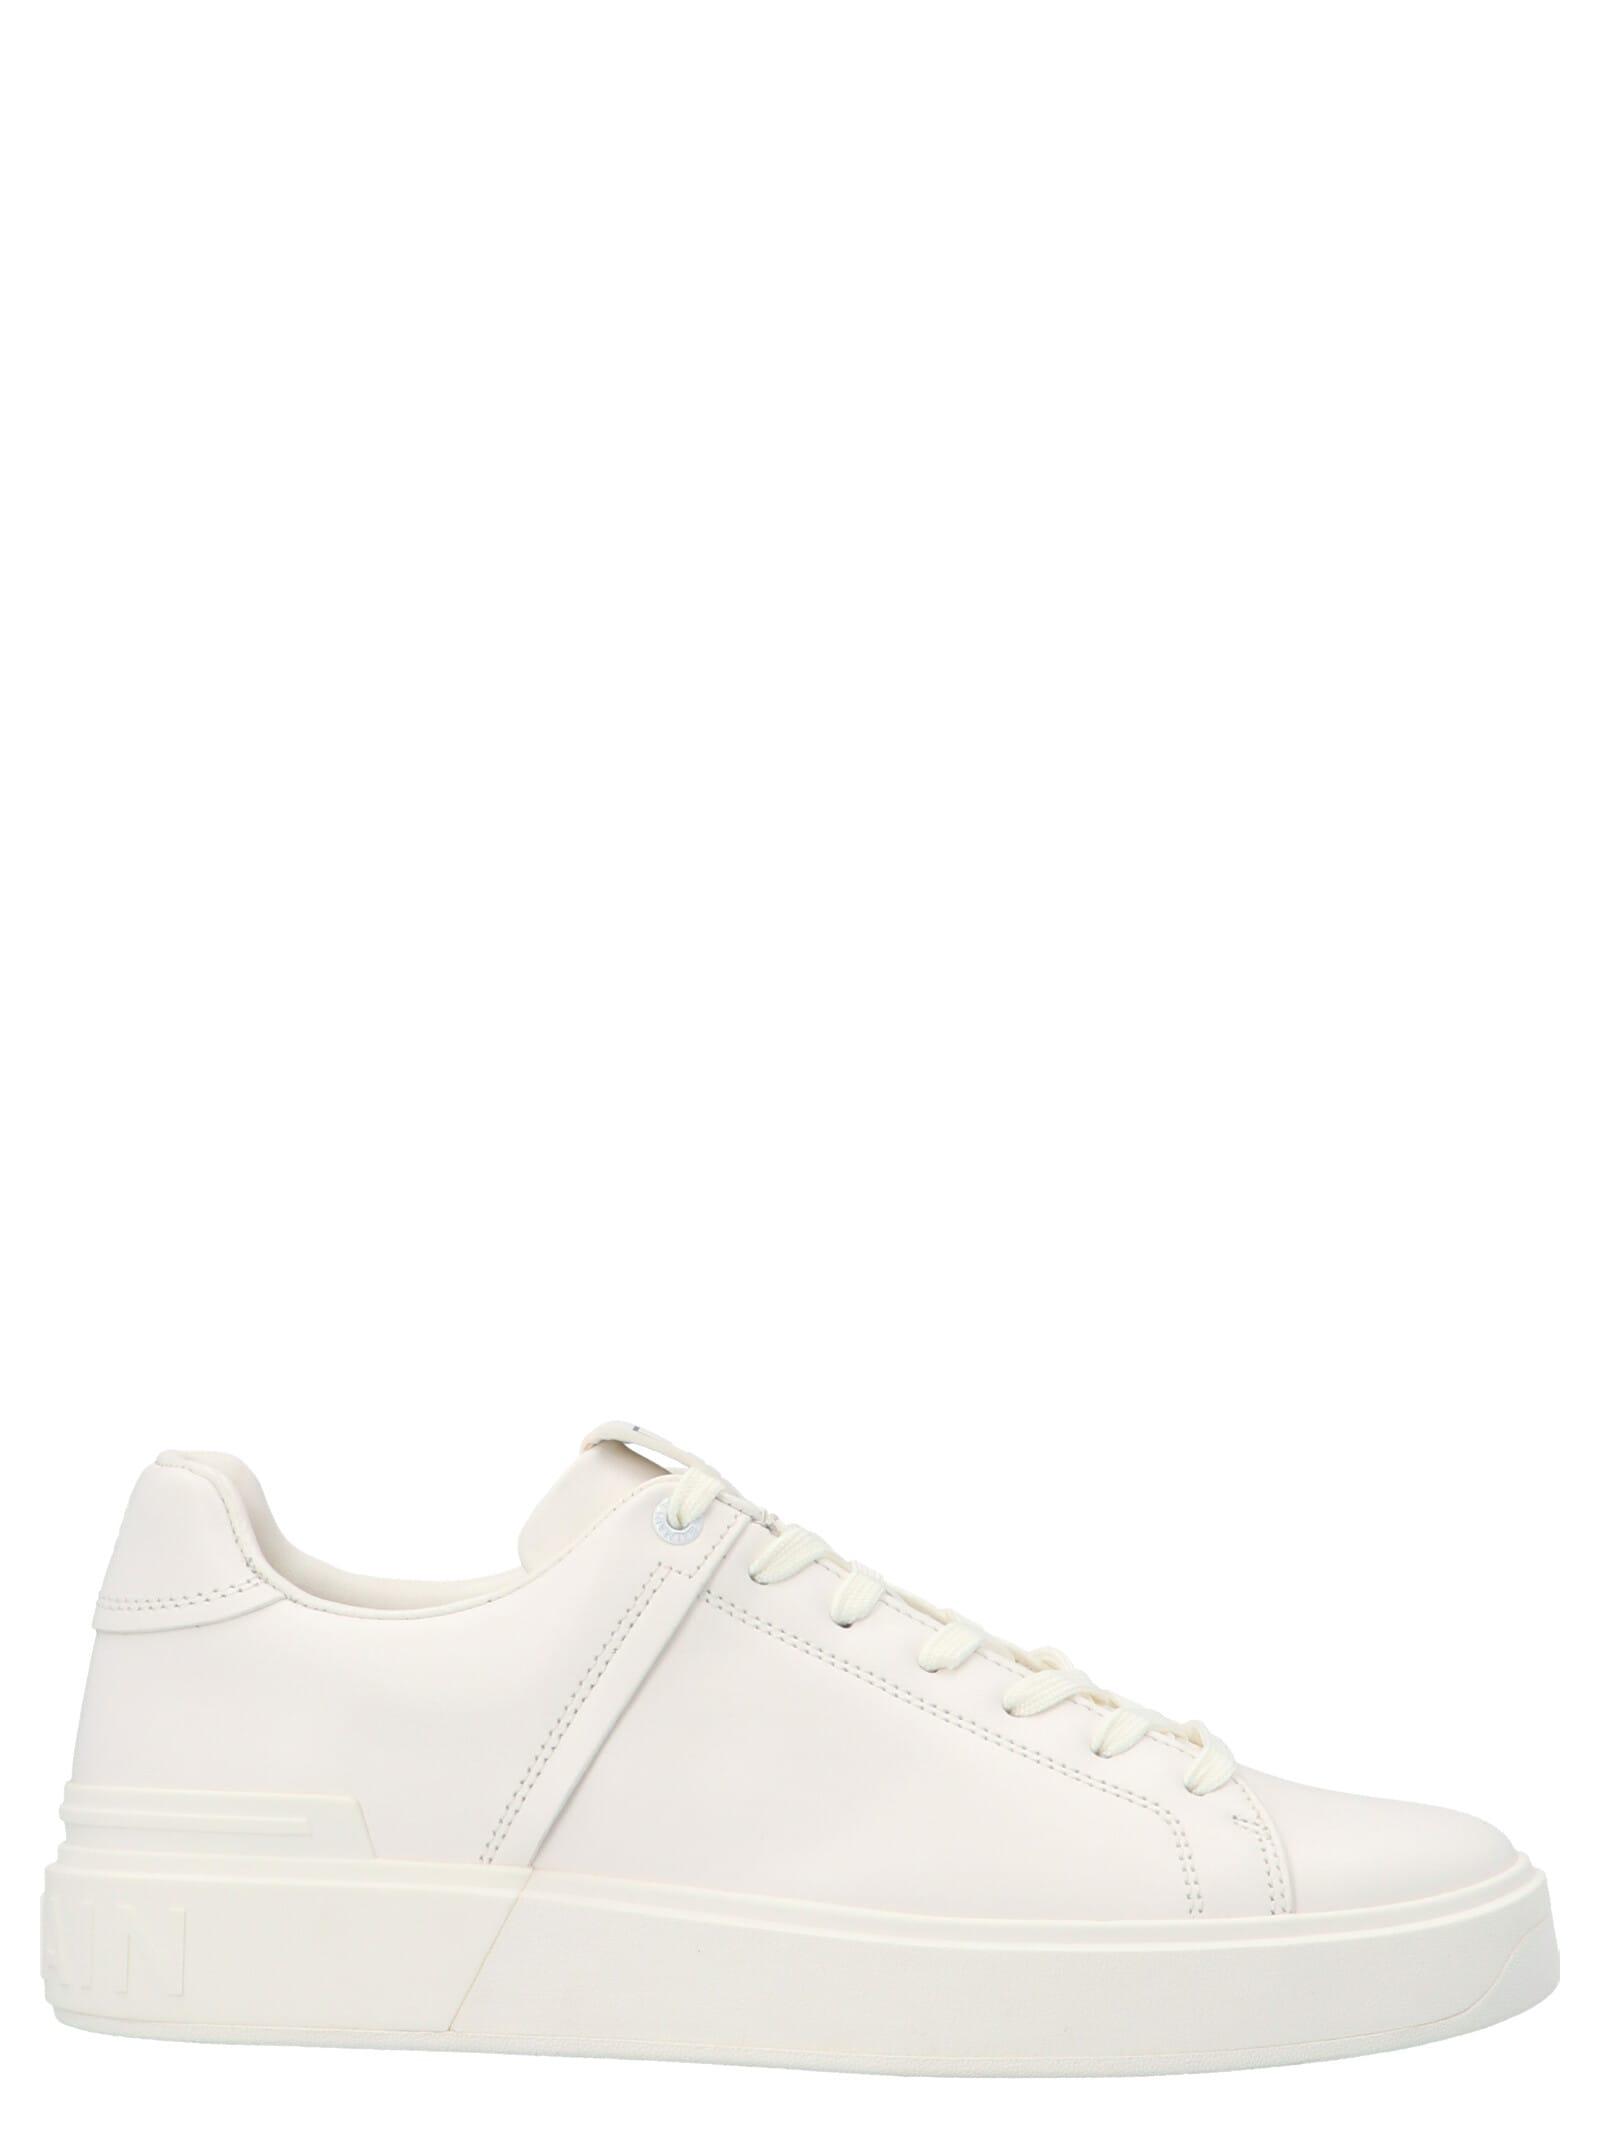 Balmain b Court Shoes